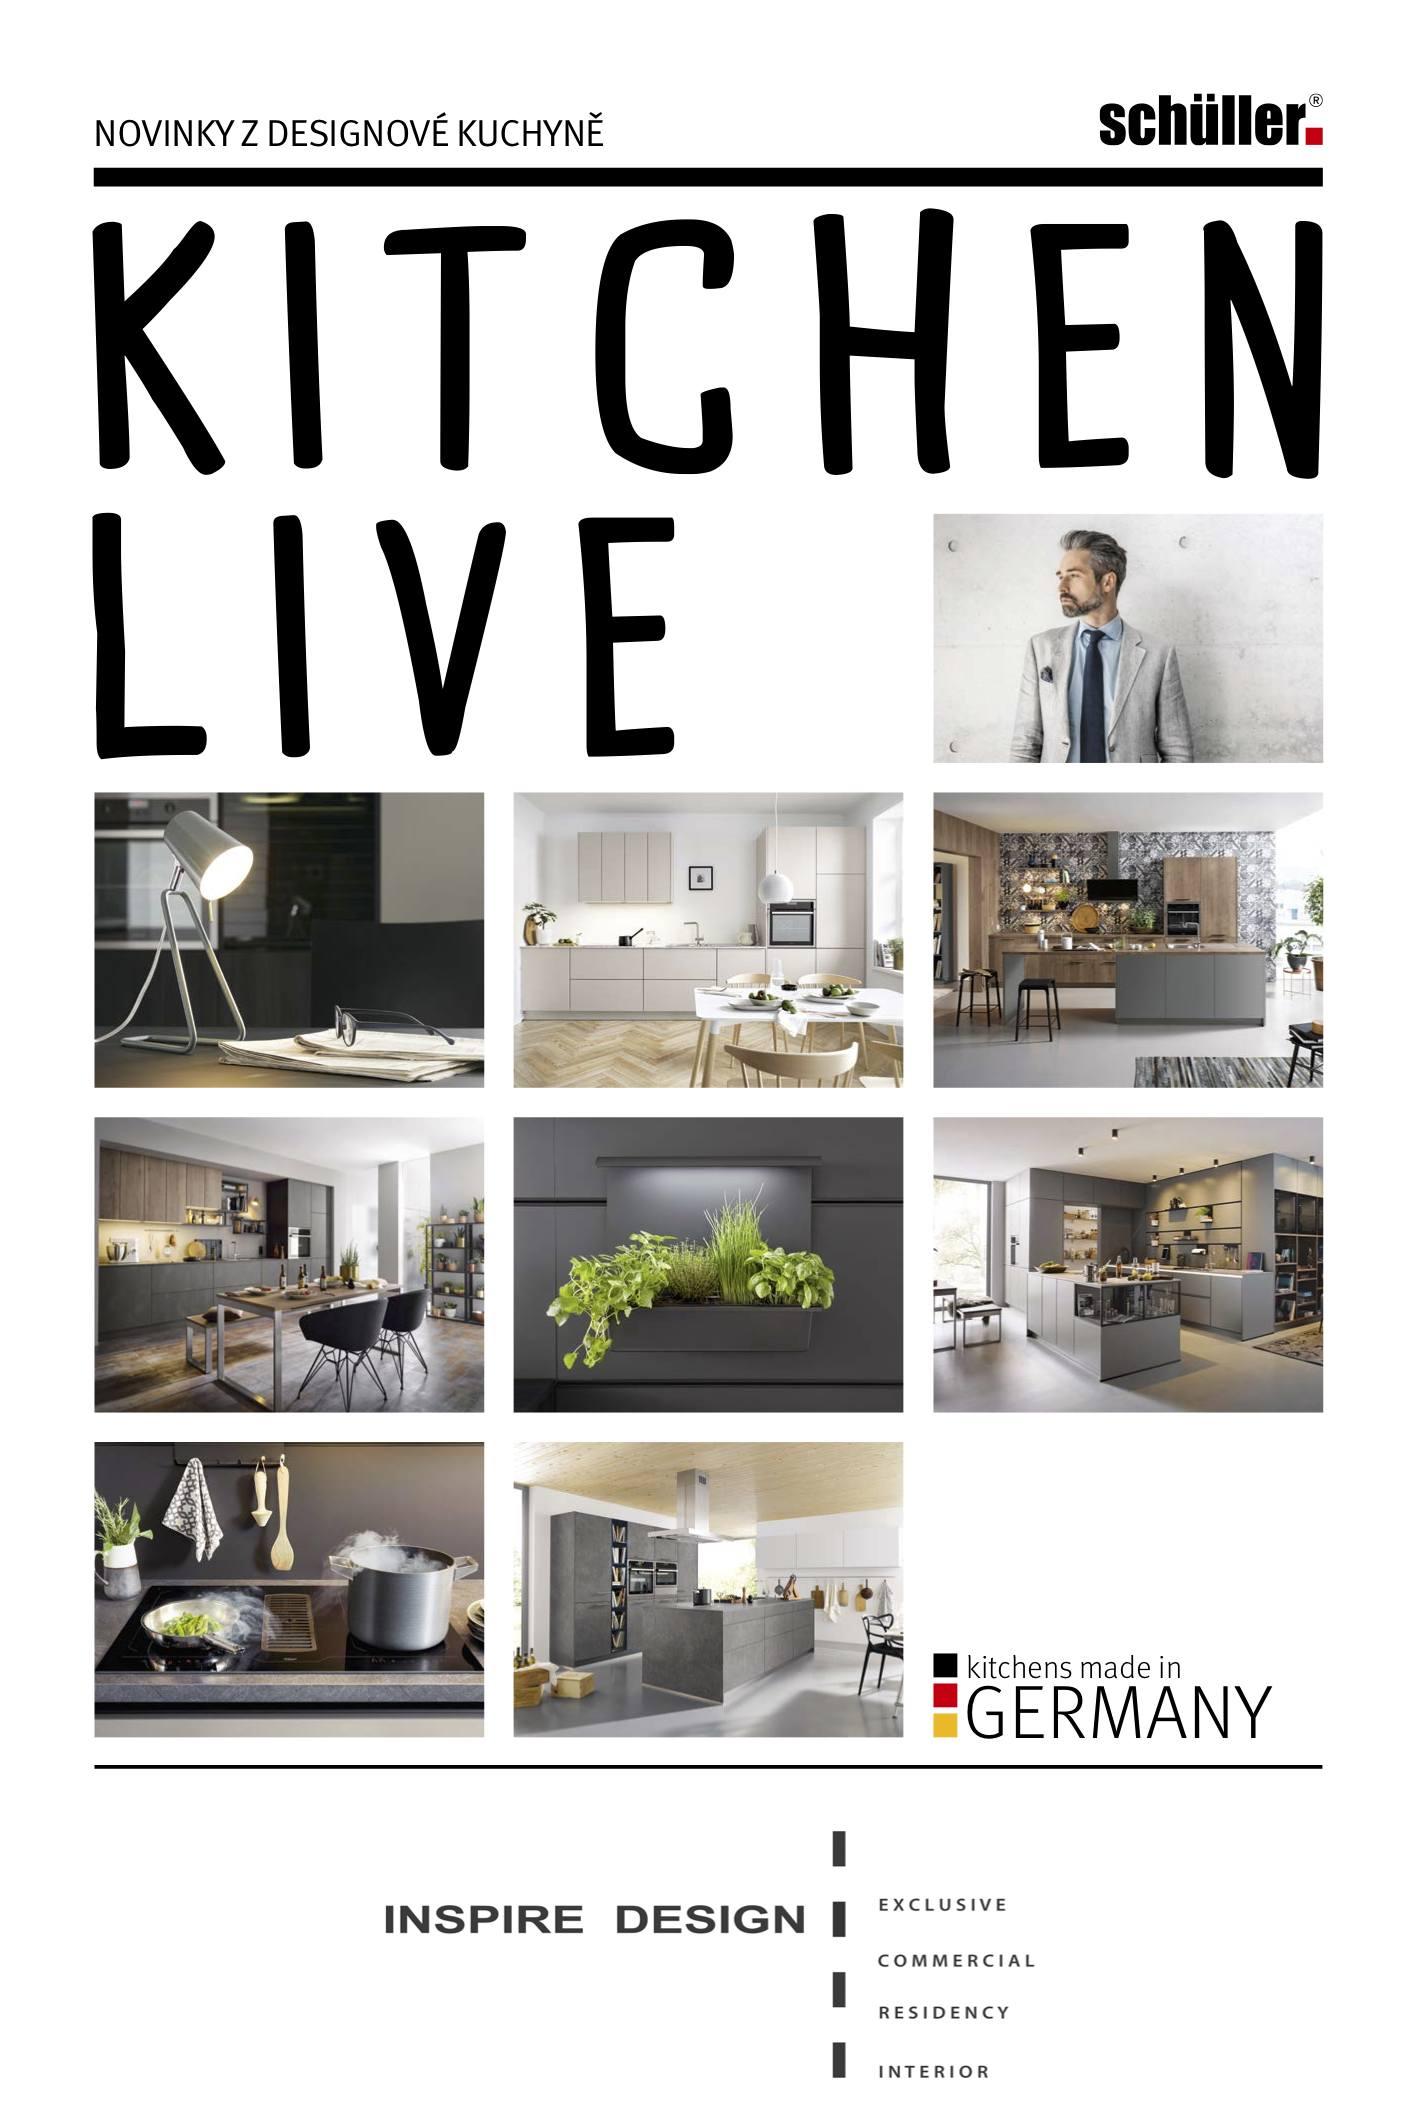 Schuller_nemecka_kuchyna_inspire_design_poprad_promolist1